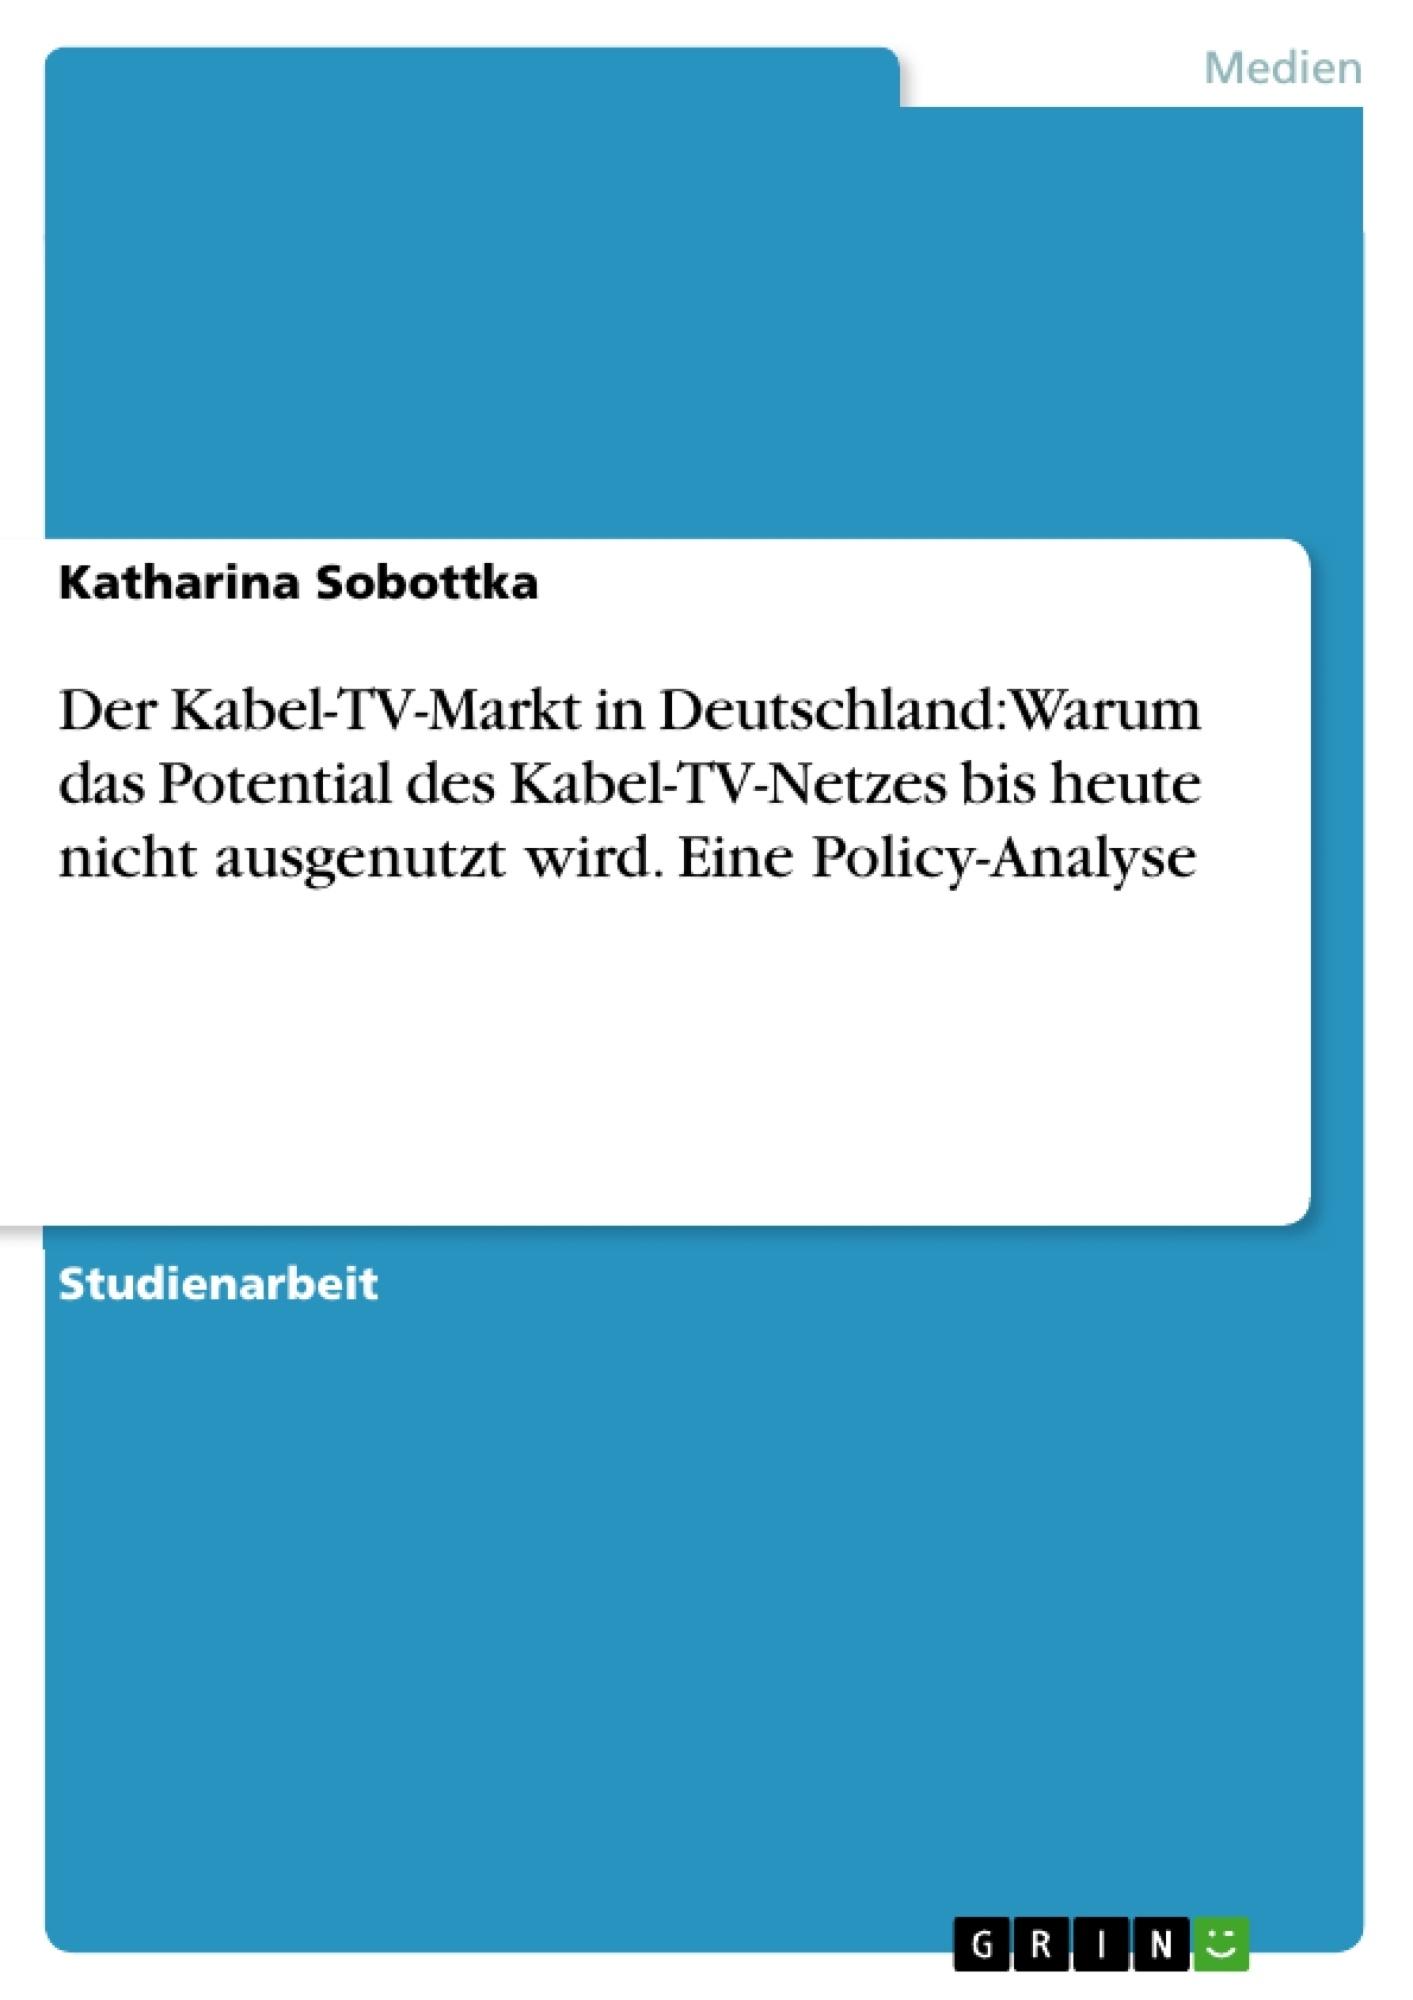 Titel: Der Kabel-TV-Markt in Deutschland: Warum das Potential des Kabel-TV-Netzes bis heute nicht ausgenutzt wird. Eine Policy-Analyse